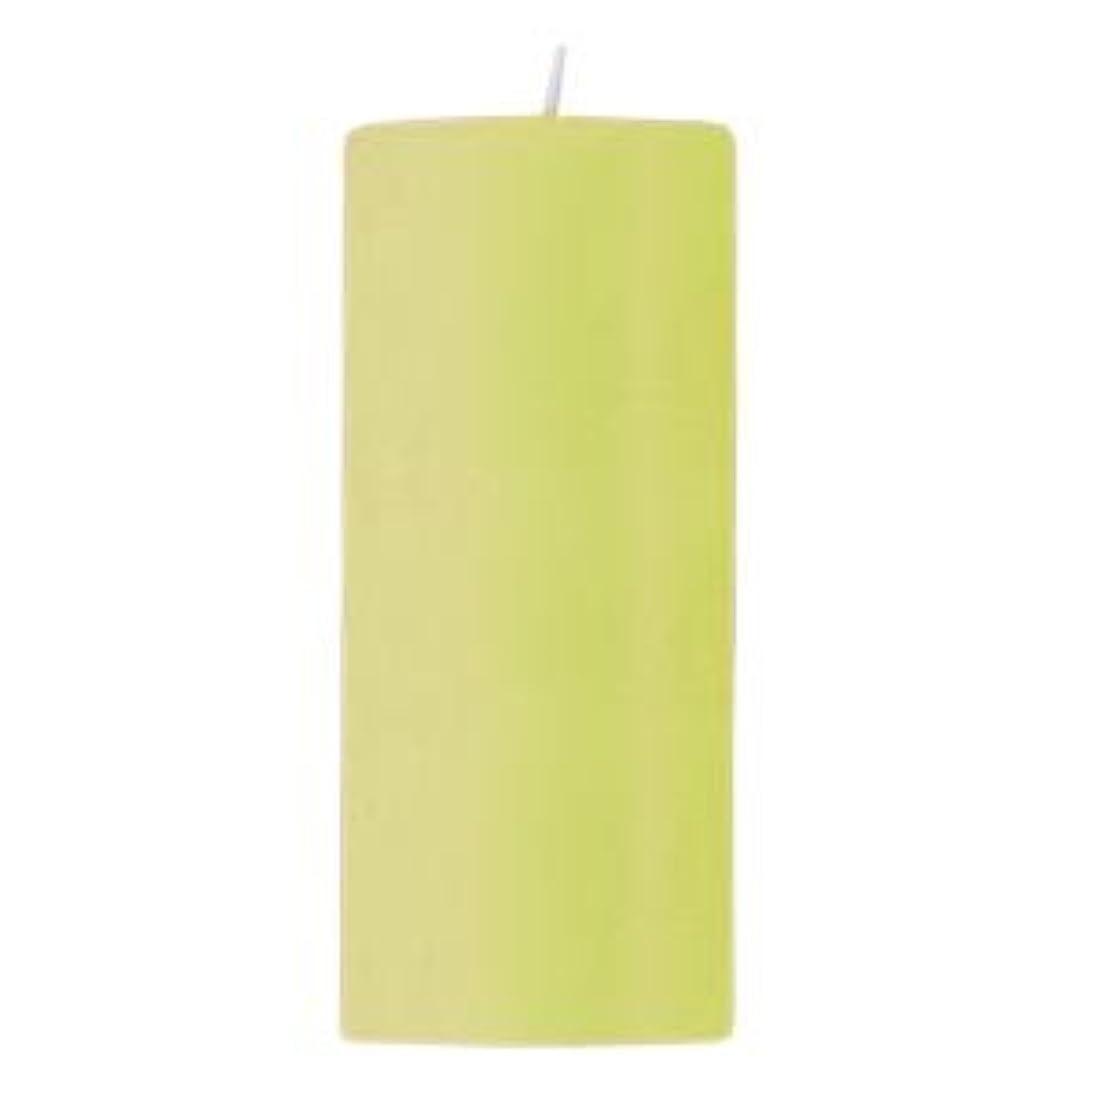 圧縮する位置づける謙虚キャンドル 2?3/4 ×6  ラウンド ライトグリーン